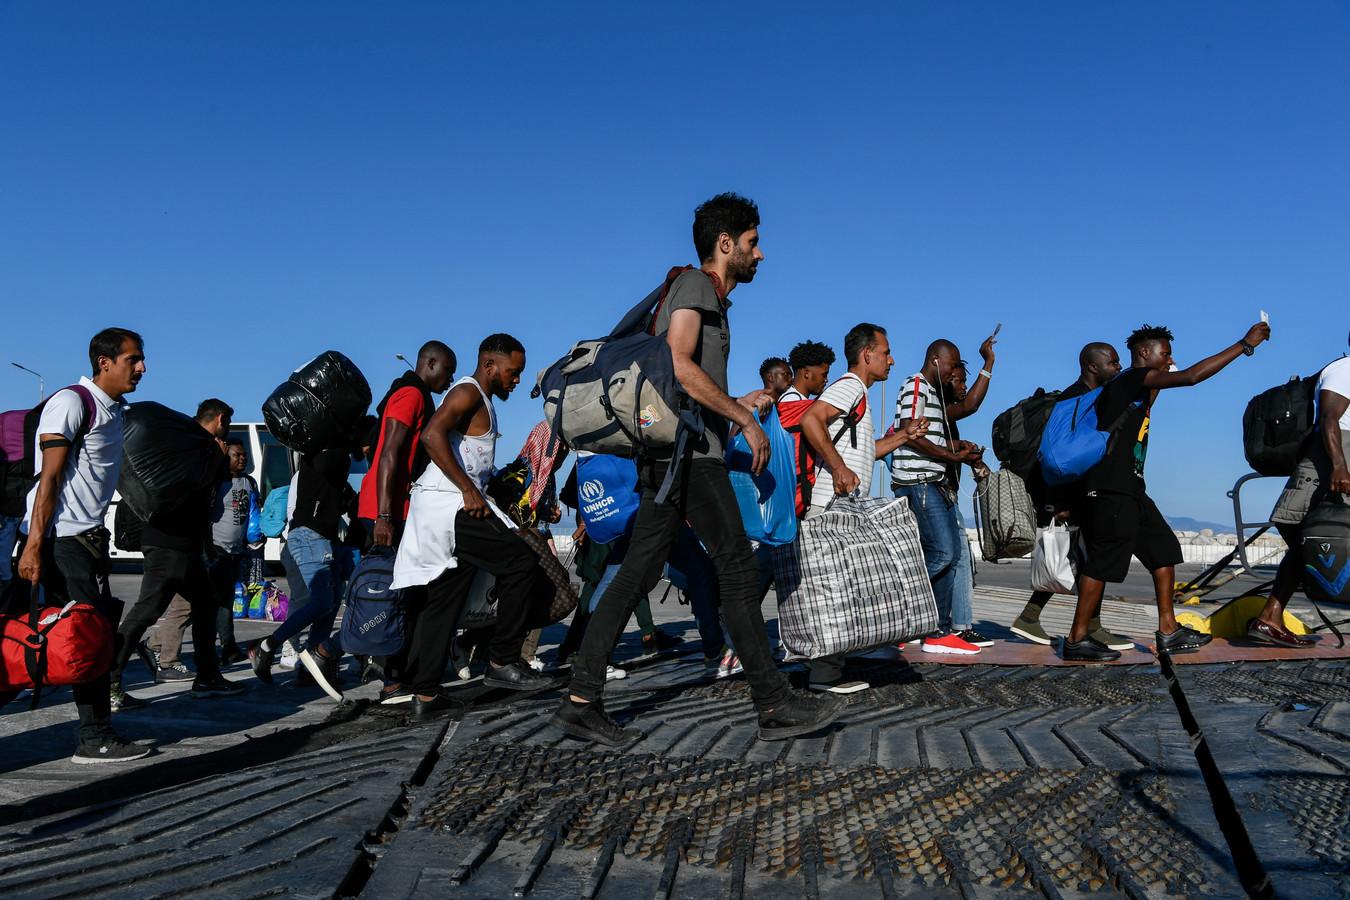 Vluchtelingen en migranten aan een ferry op Lesbos vandaag, op weg naar kampen op het vasteland.